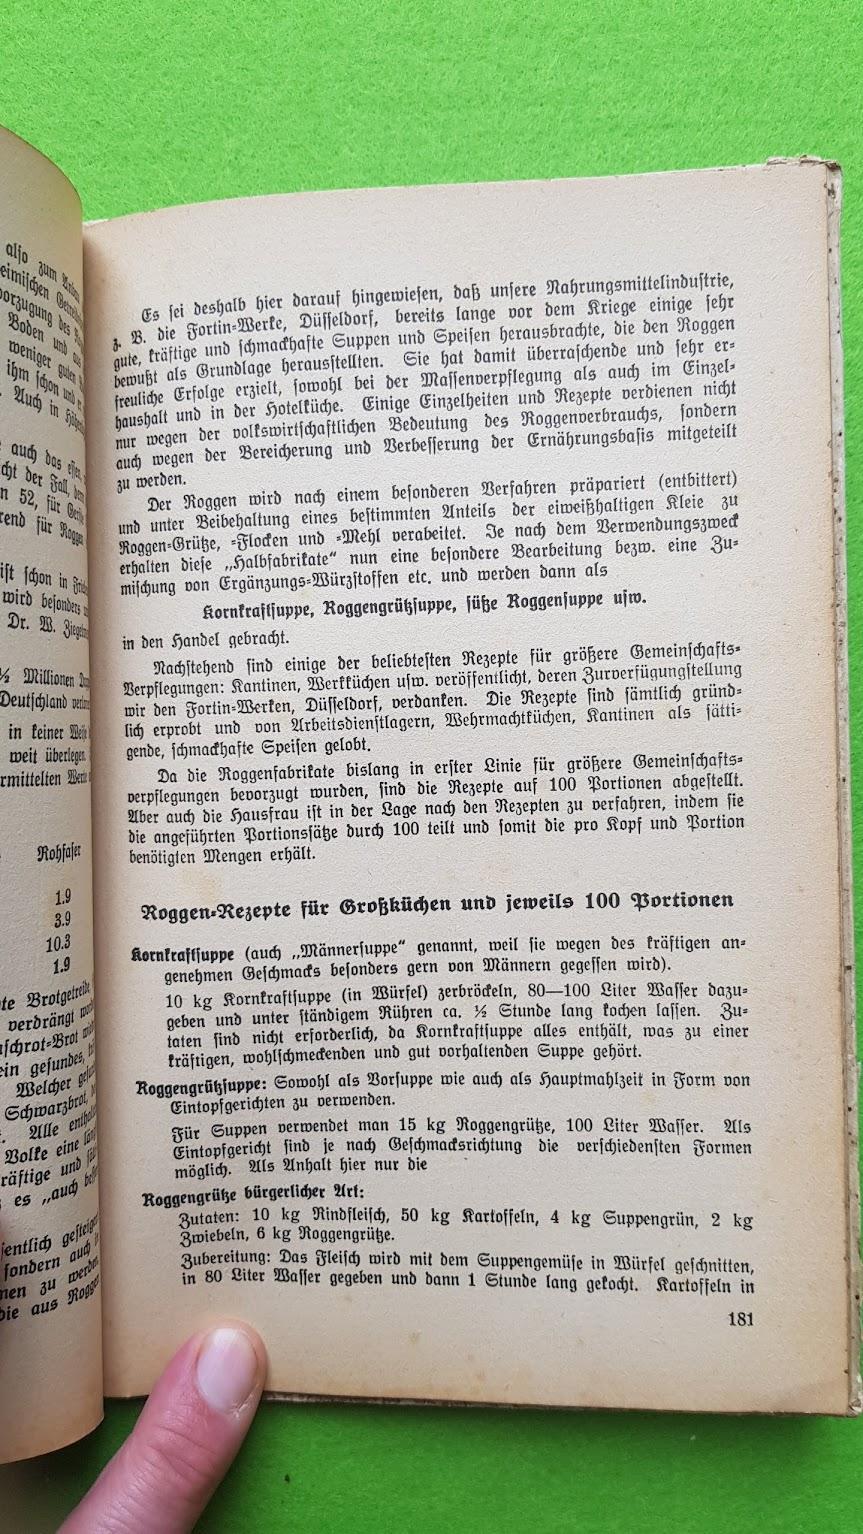 Eugen Bechtel, Nahrhaft, schmackhaft kochen - auch im Krieg!, 1940 - der Roggen